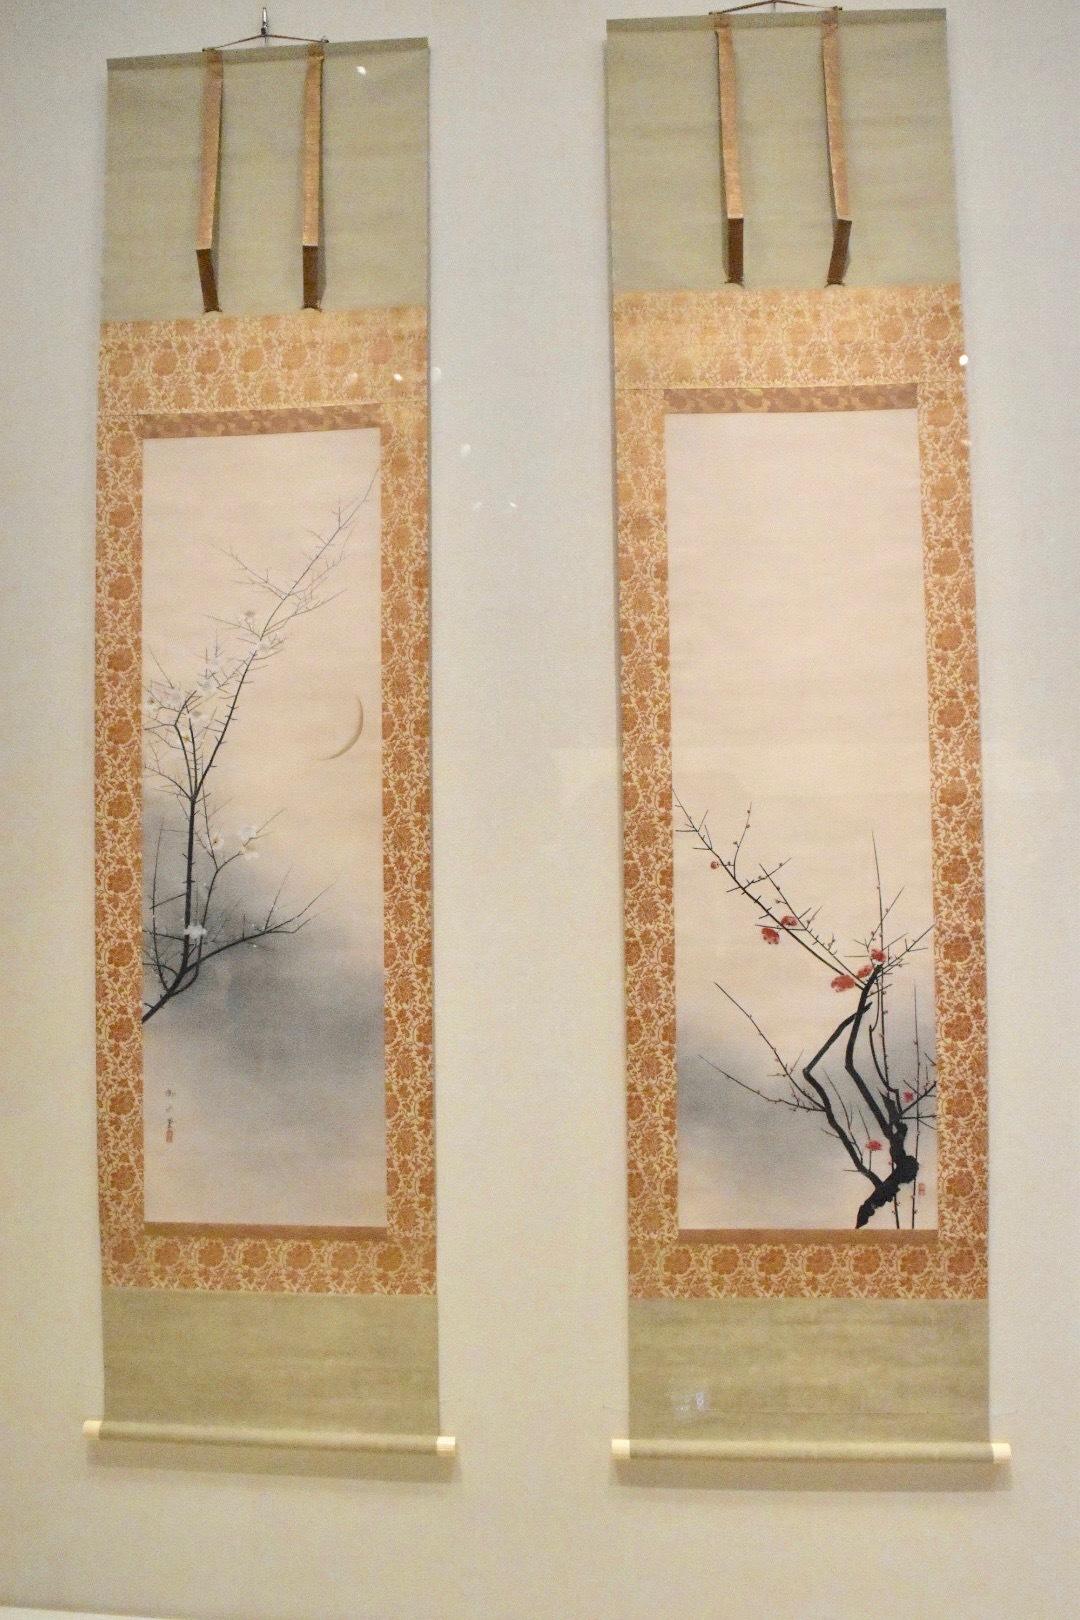 速水御舟 《紅梅・白梅》 昭和4年 山種美術館蔵